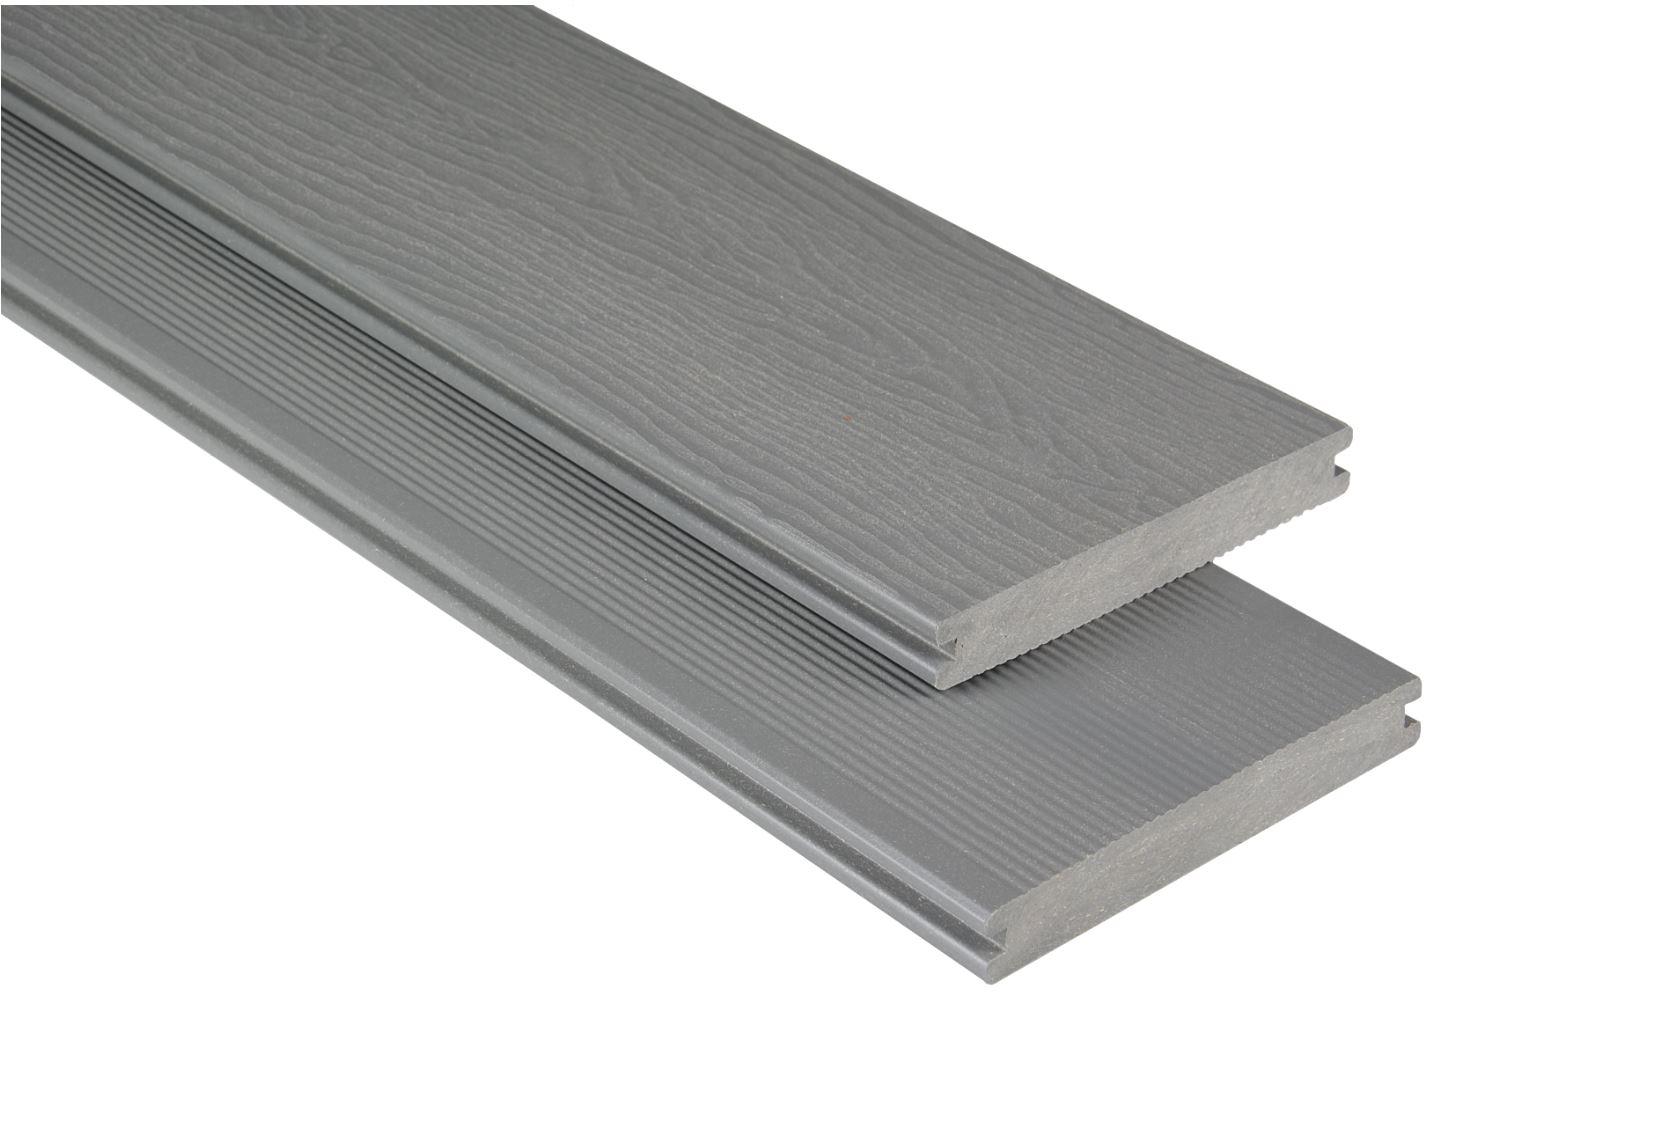 Massiv mit Struktur Grau unbehandelt, 20x145 mm